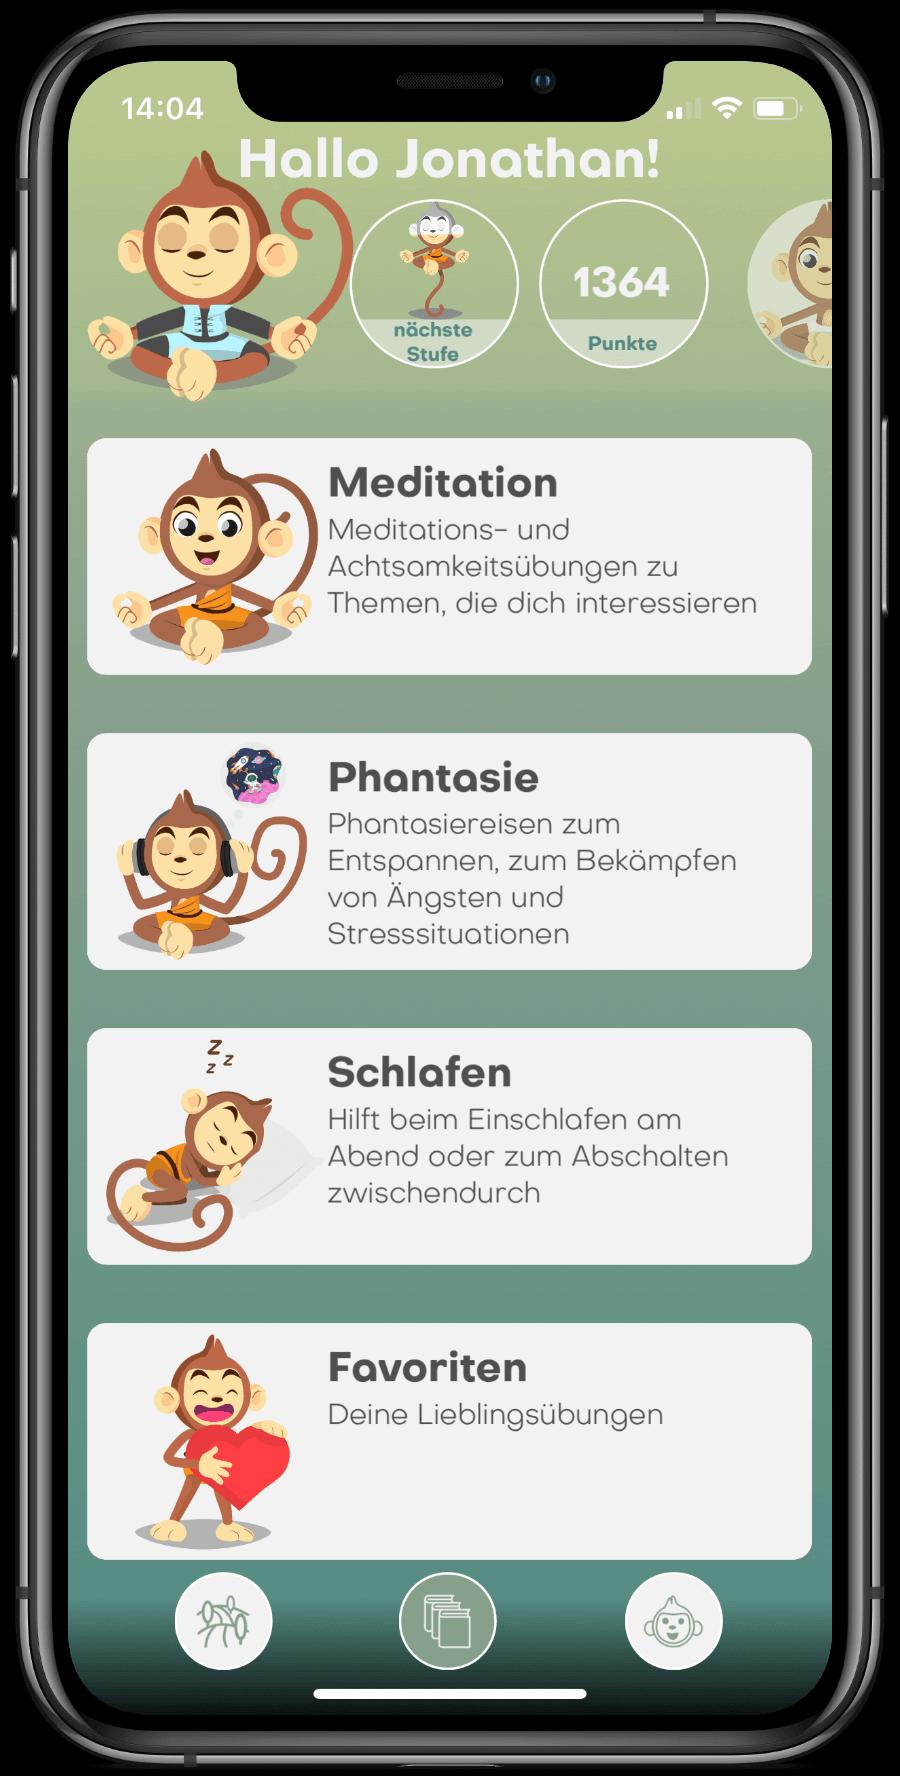 BuddhaBoo App Bibliothek Meditation, Phantasiereisen, Schlafgeschichten auf iPhone X